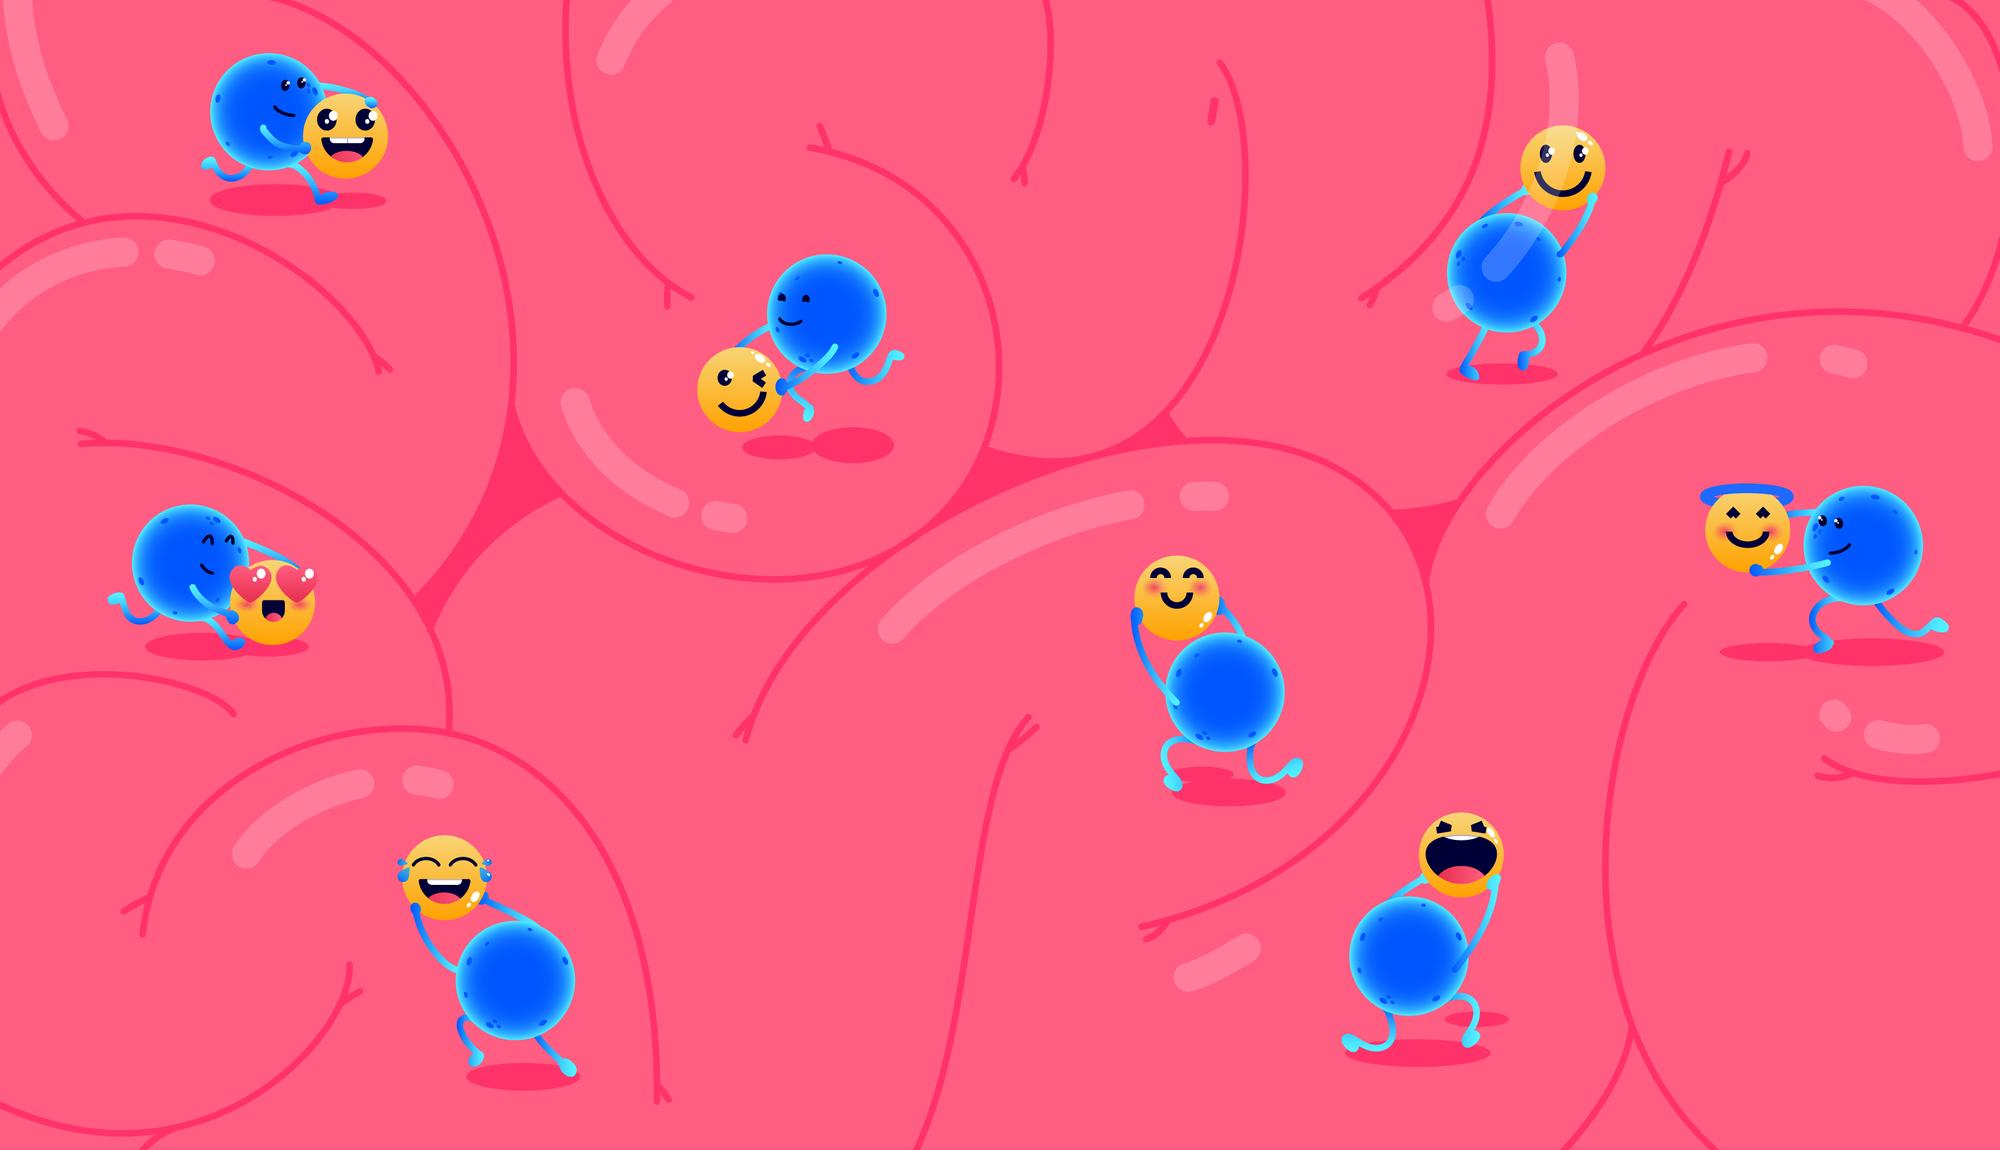 2020-03-30-Serotonin--your-gut-s-happy-molecule